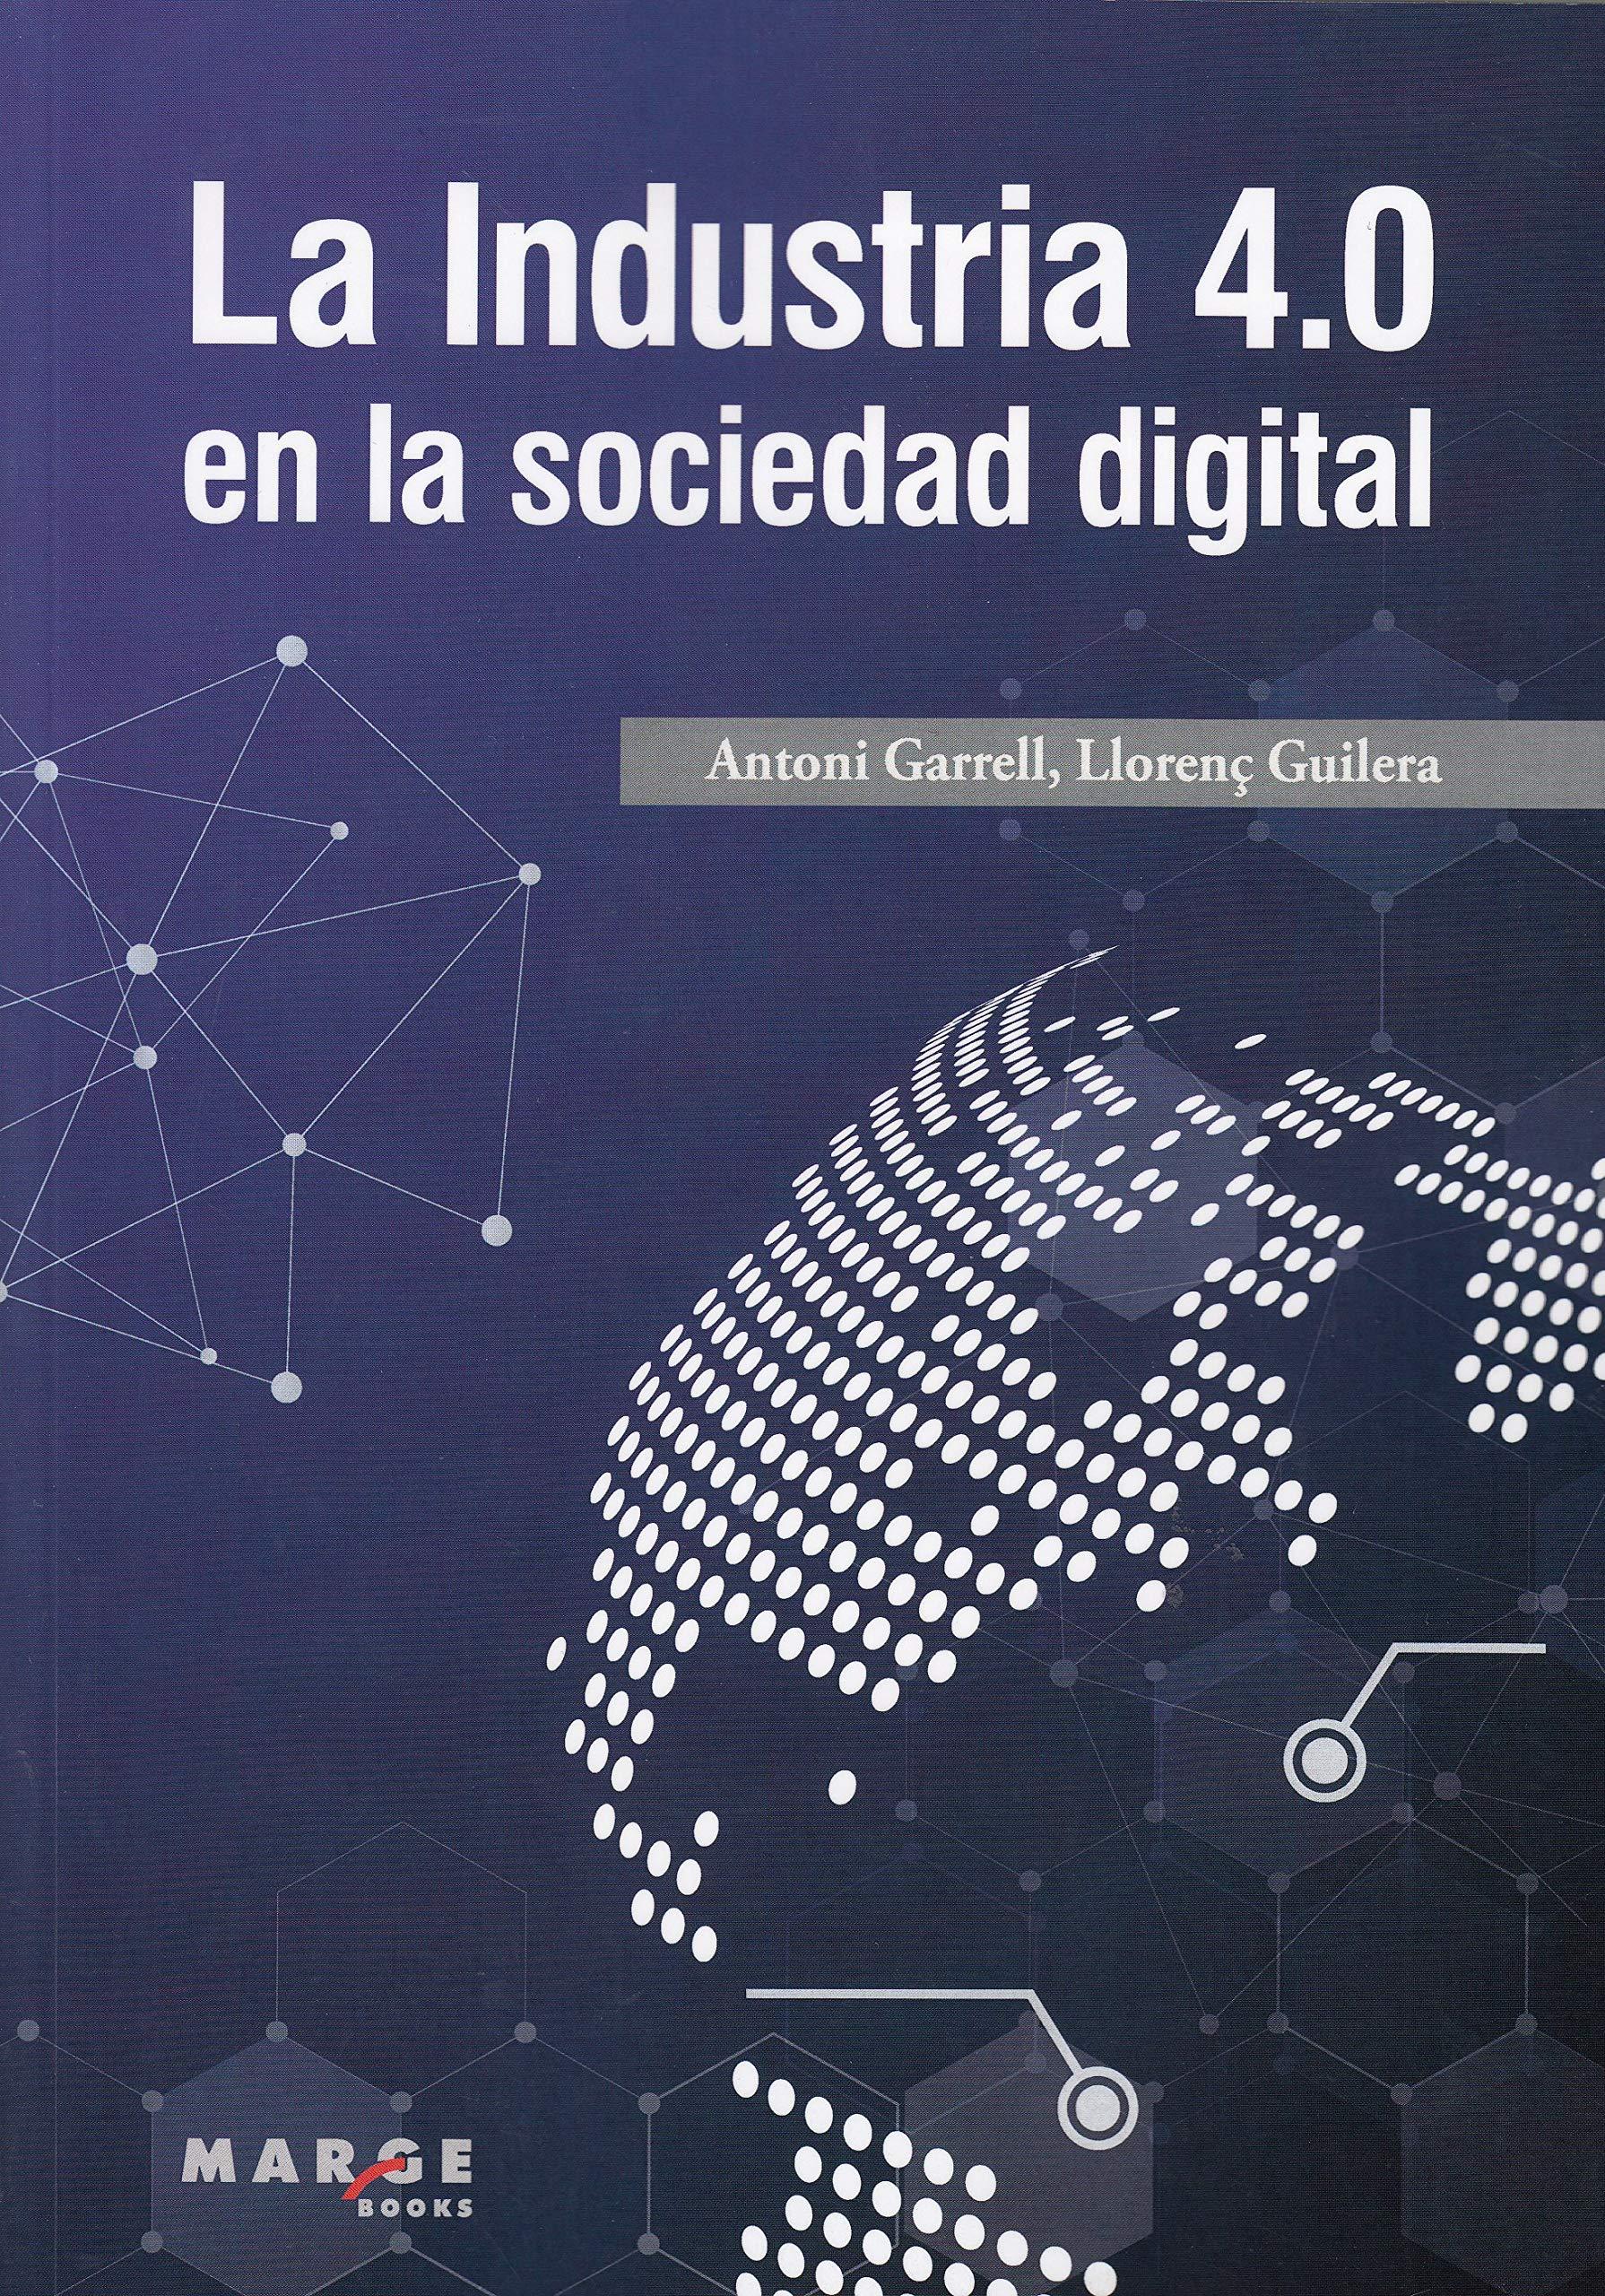 La Industria 4.0 en la sociedad digital (Gestiona)